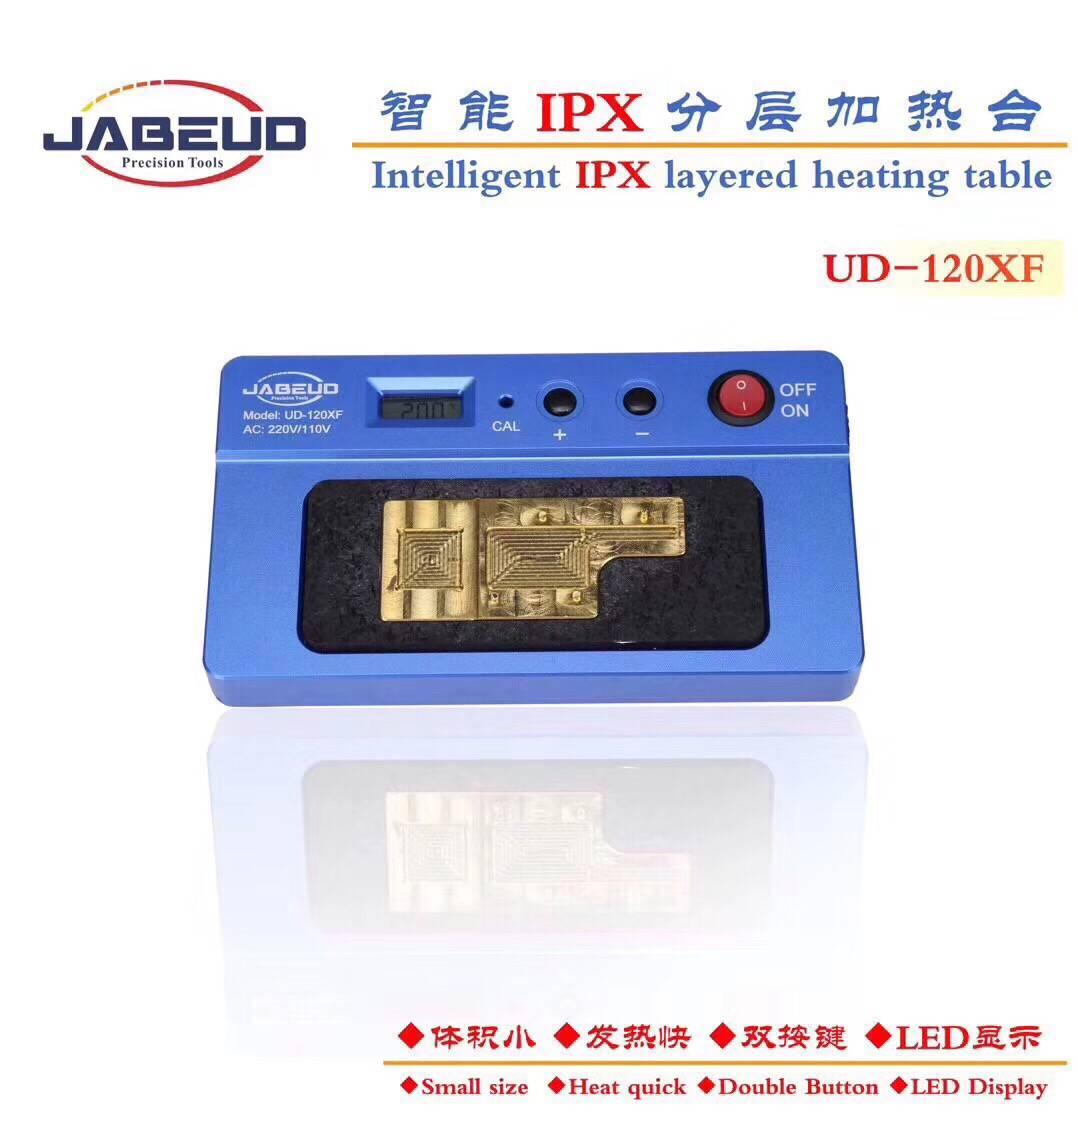 Plate-forme intelligente de reprise de soudure de table de chauffage en couches de UD-120XF pour le retrait d'ic d'uc d'iphone onex NAND CPU A8 A9 démontent des outils